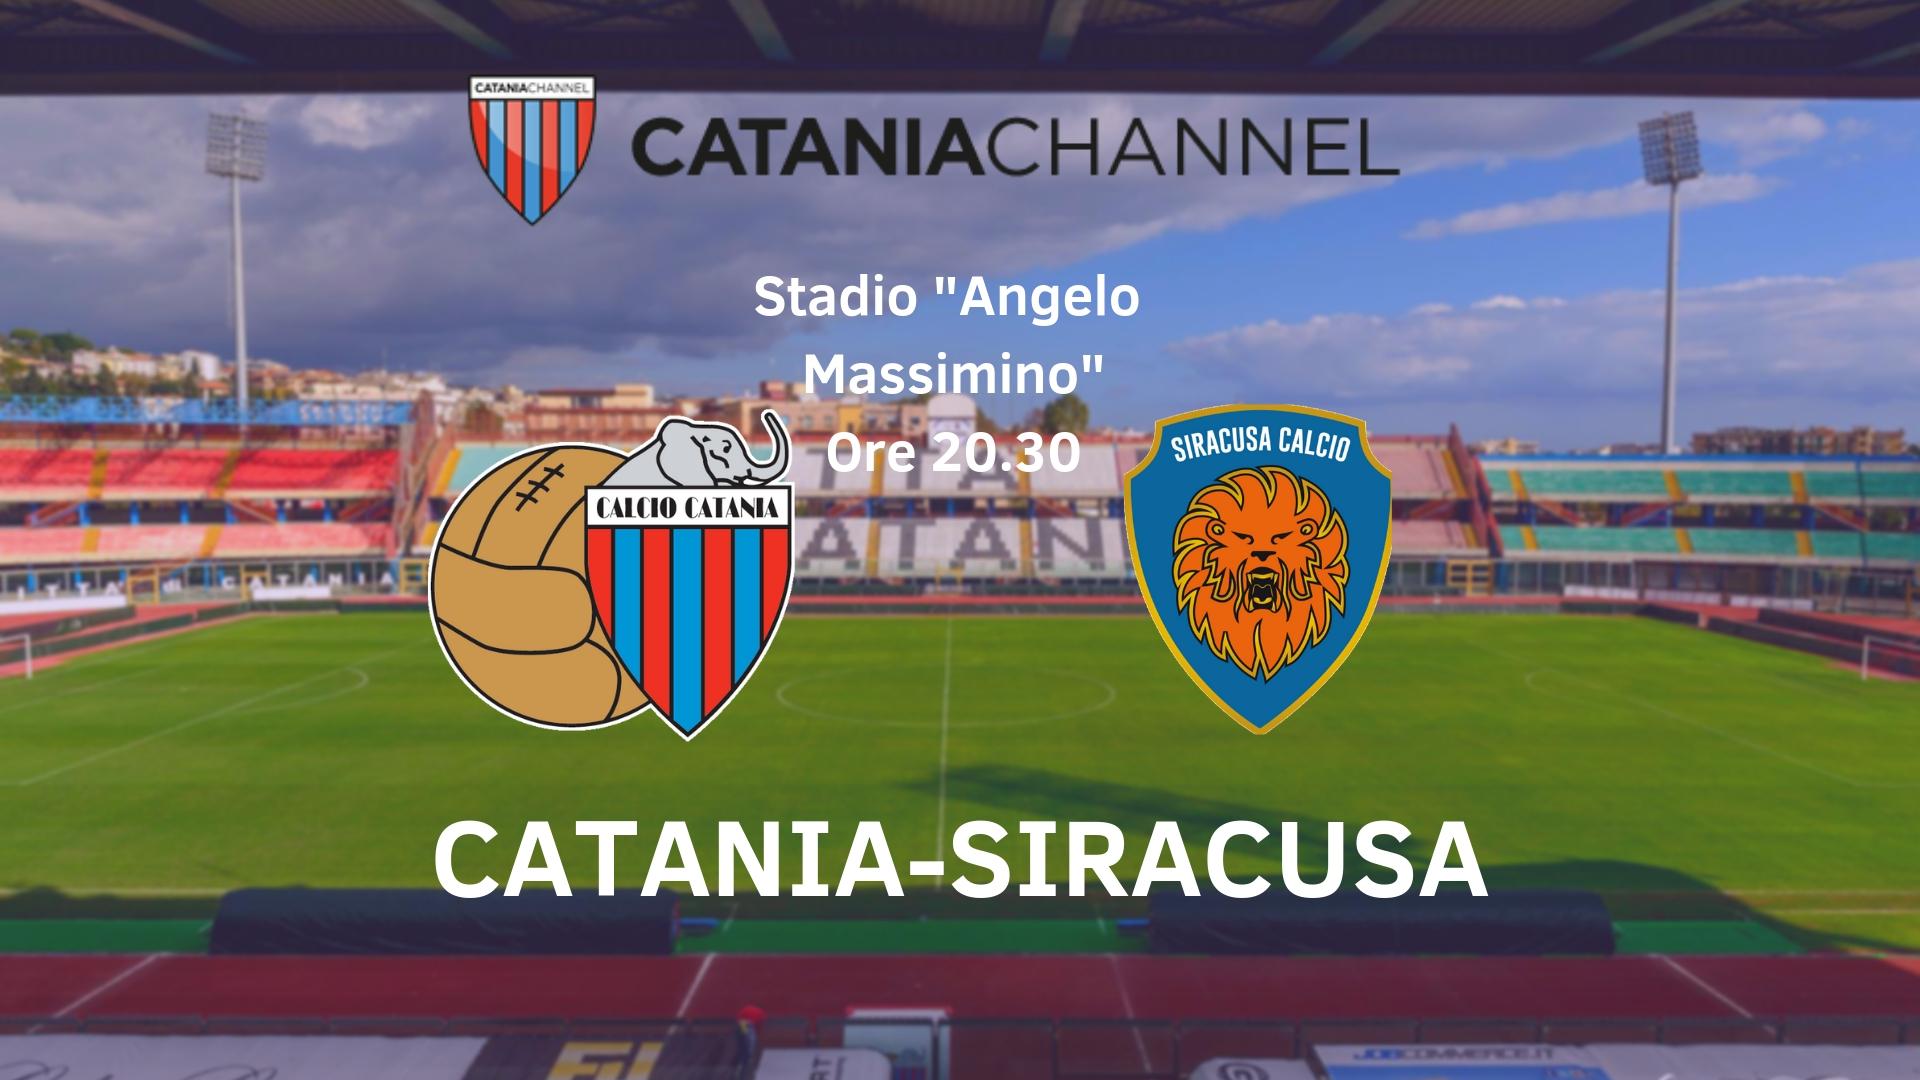 Catania Siracusa